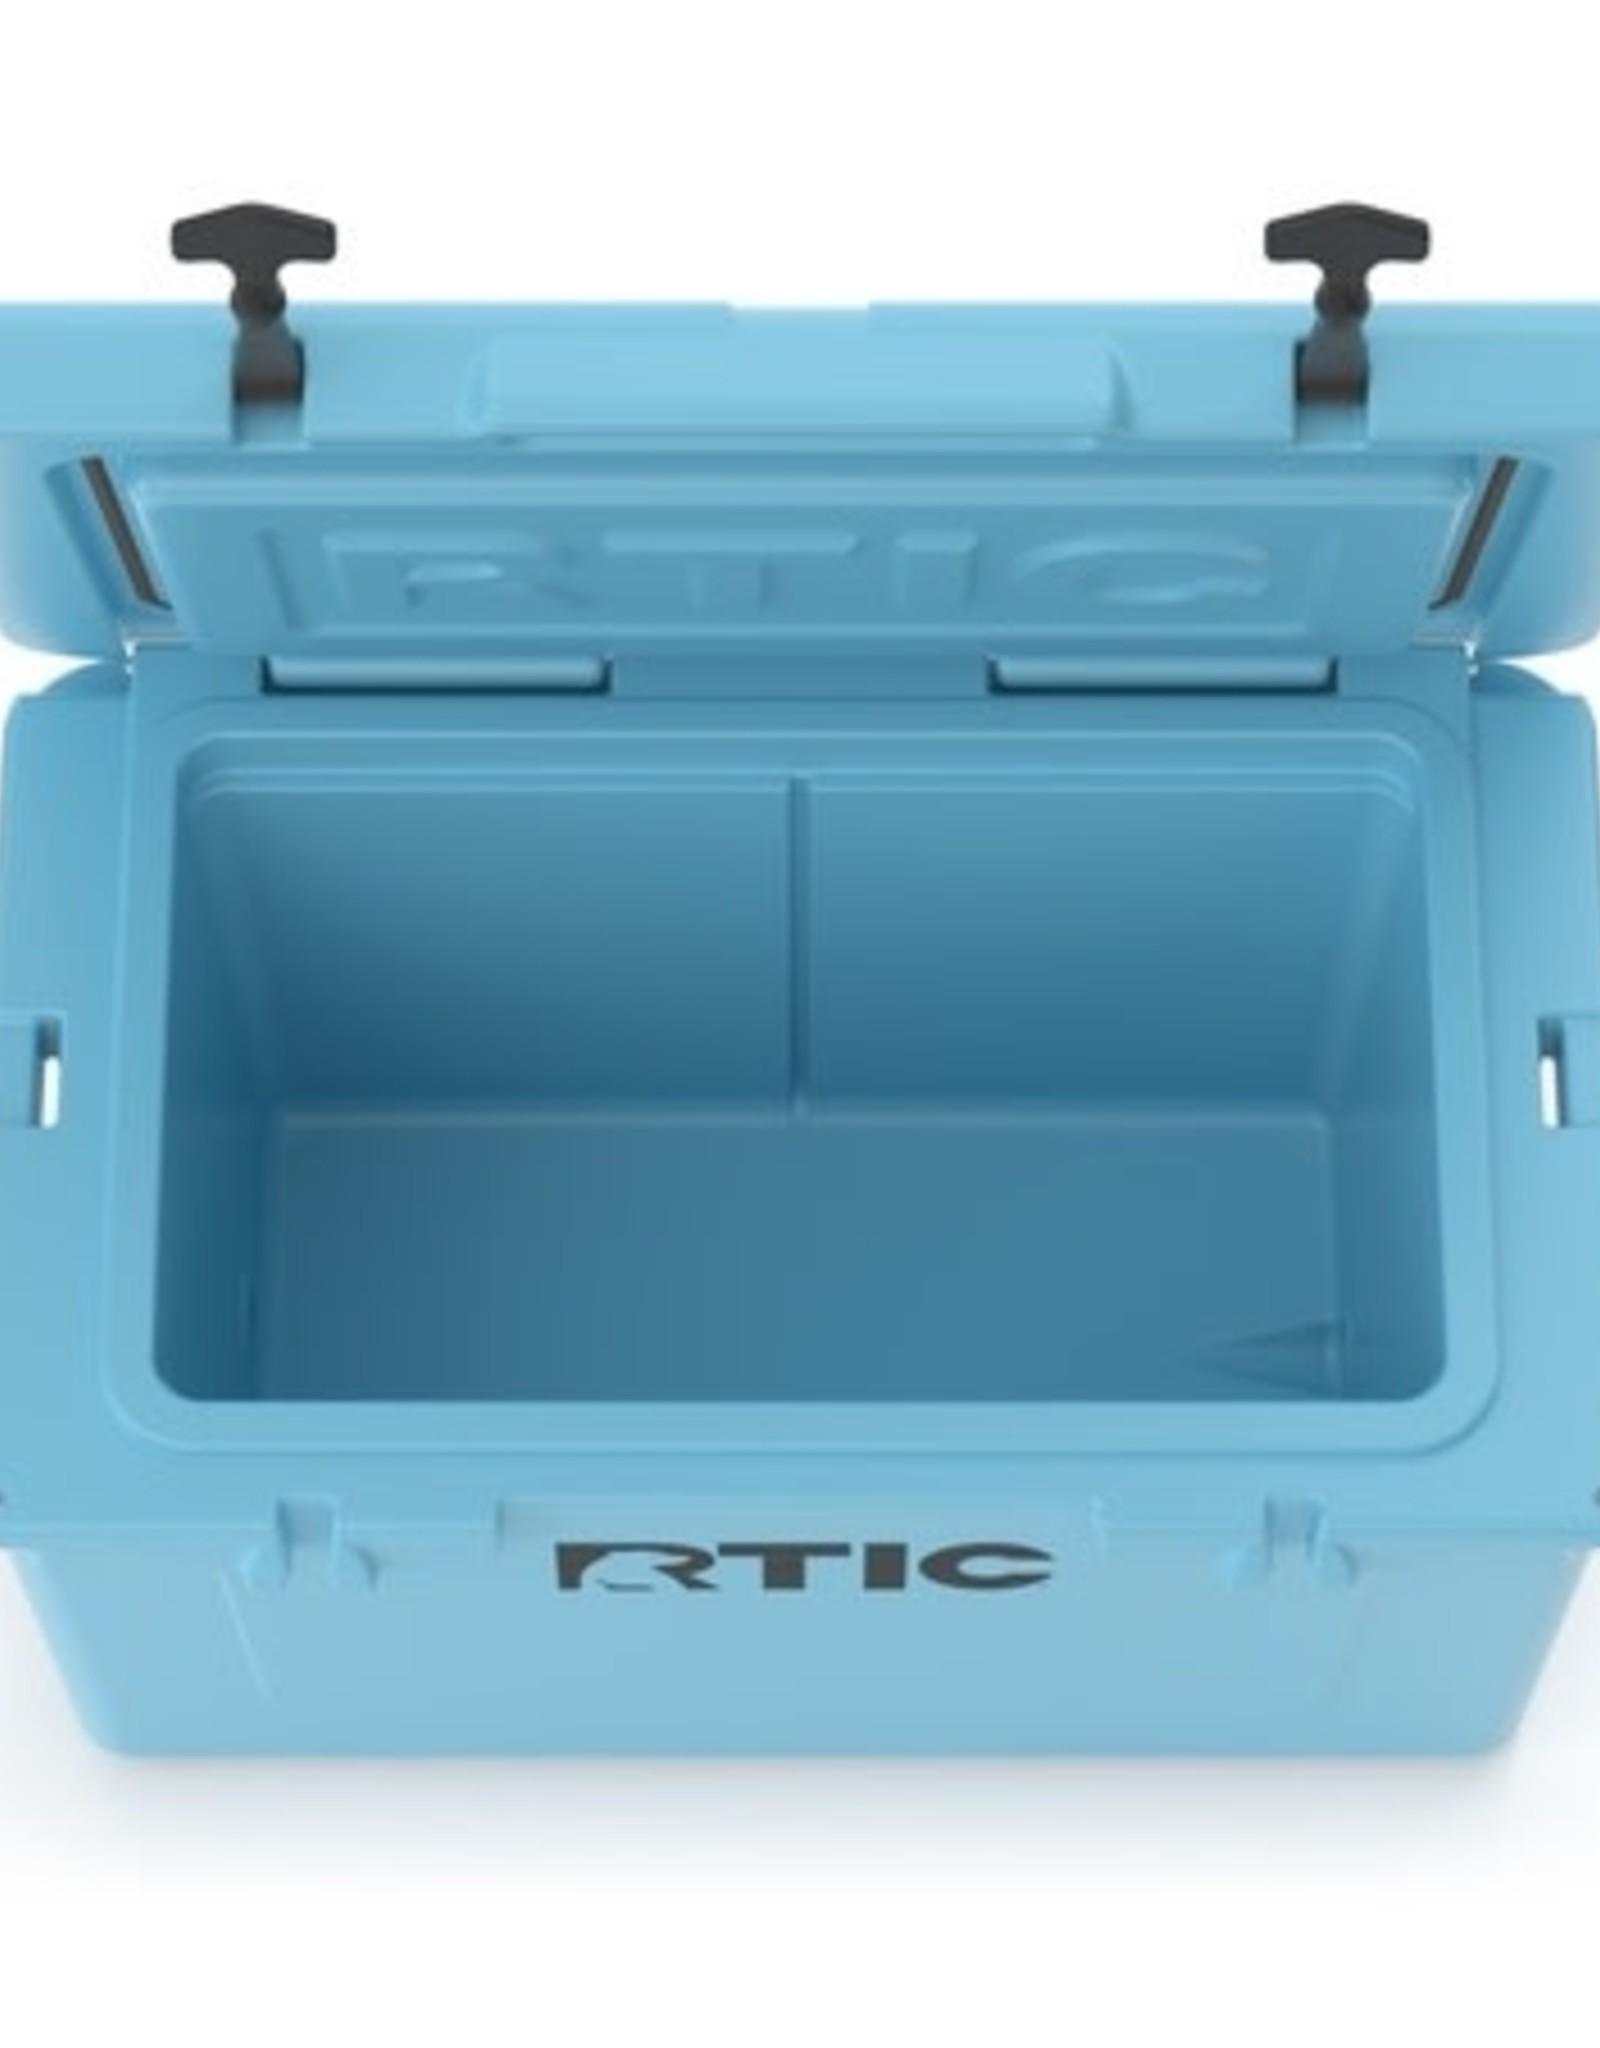 RTIC RTIC 45 Blue